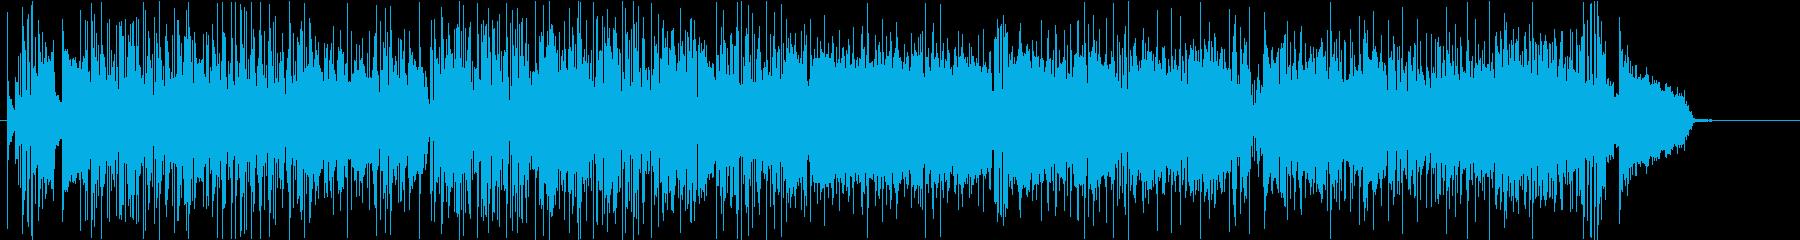 ノリノリなファンキー曲の再生済みの波形